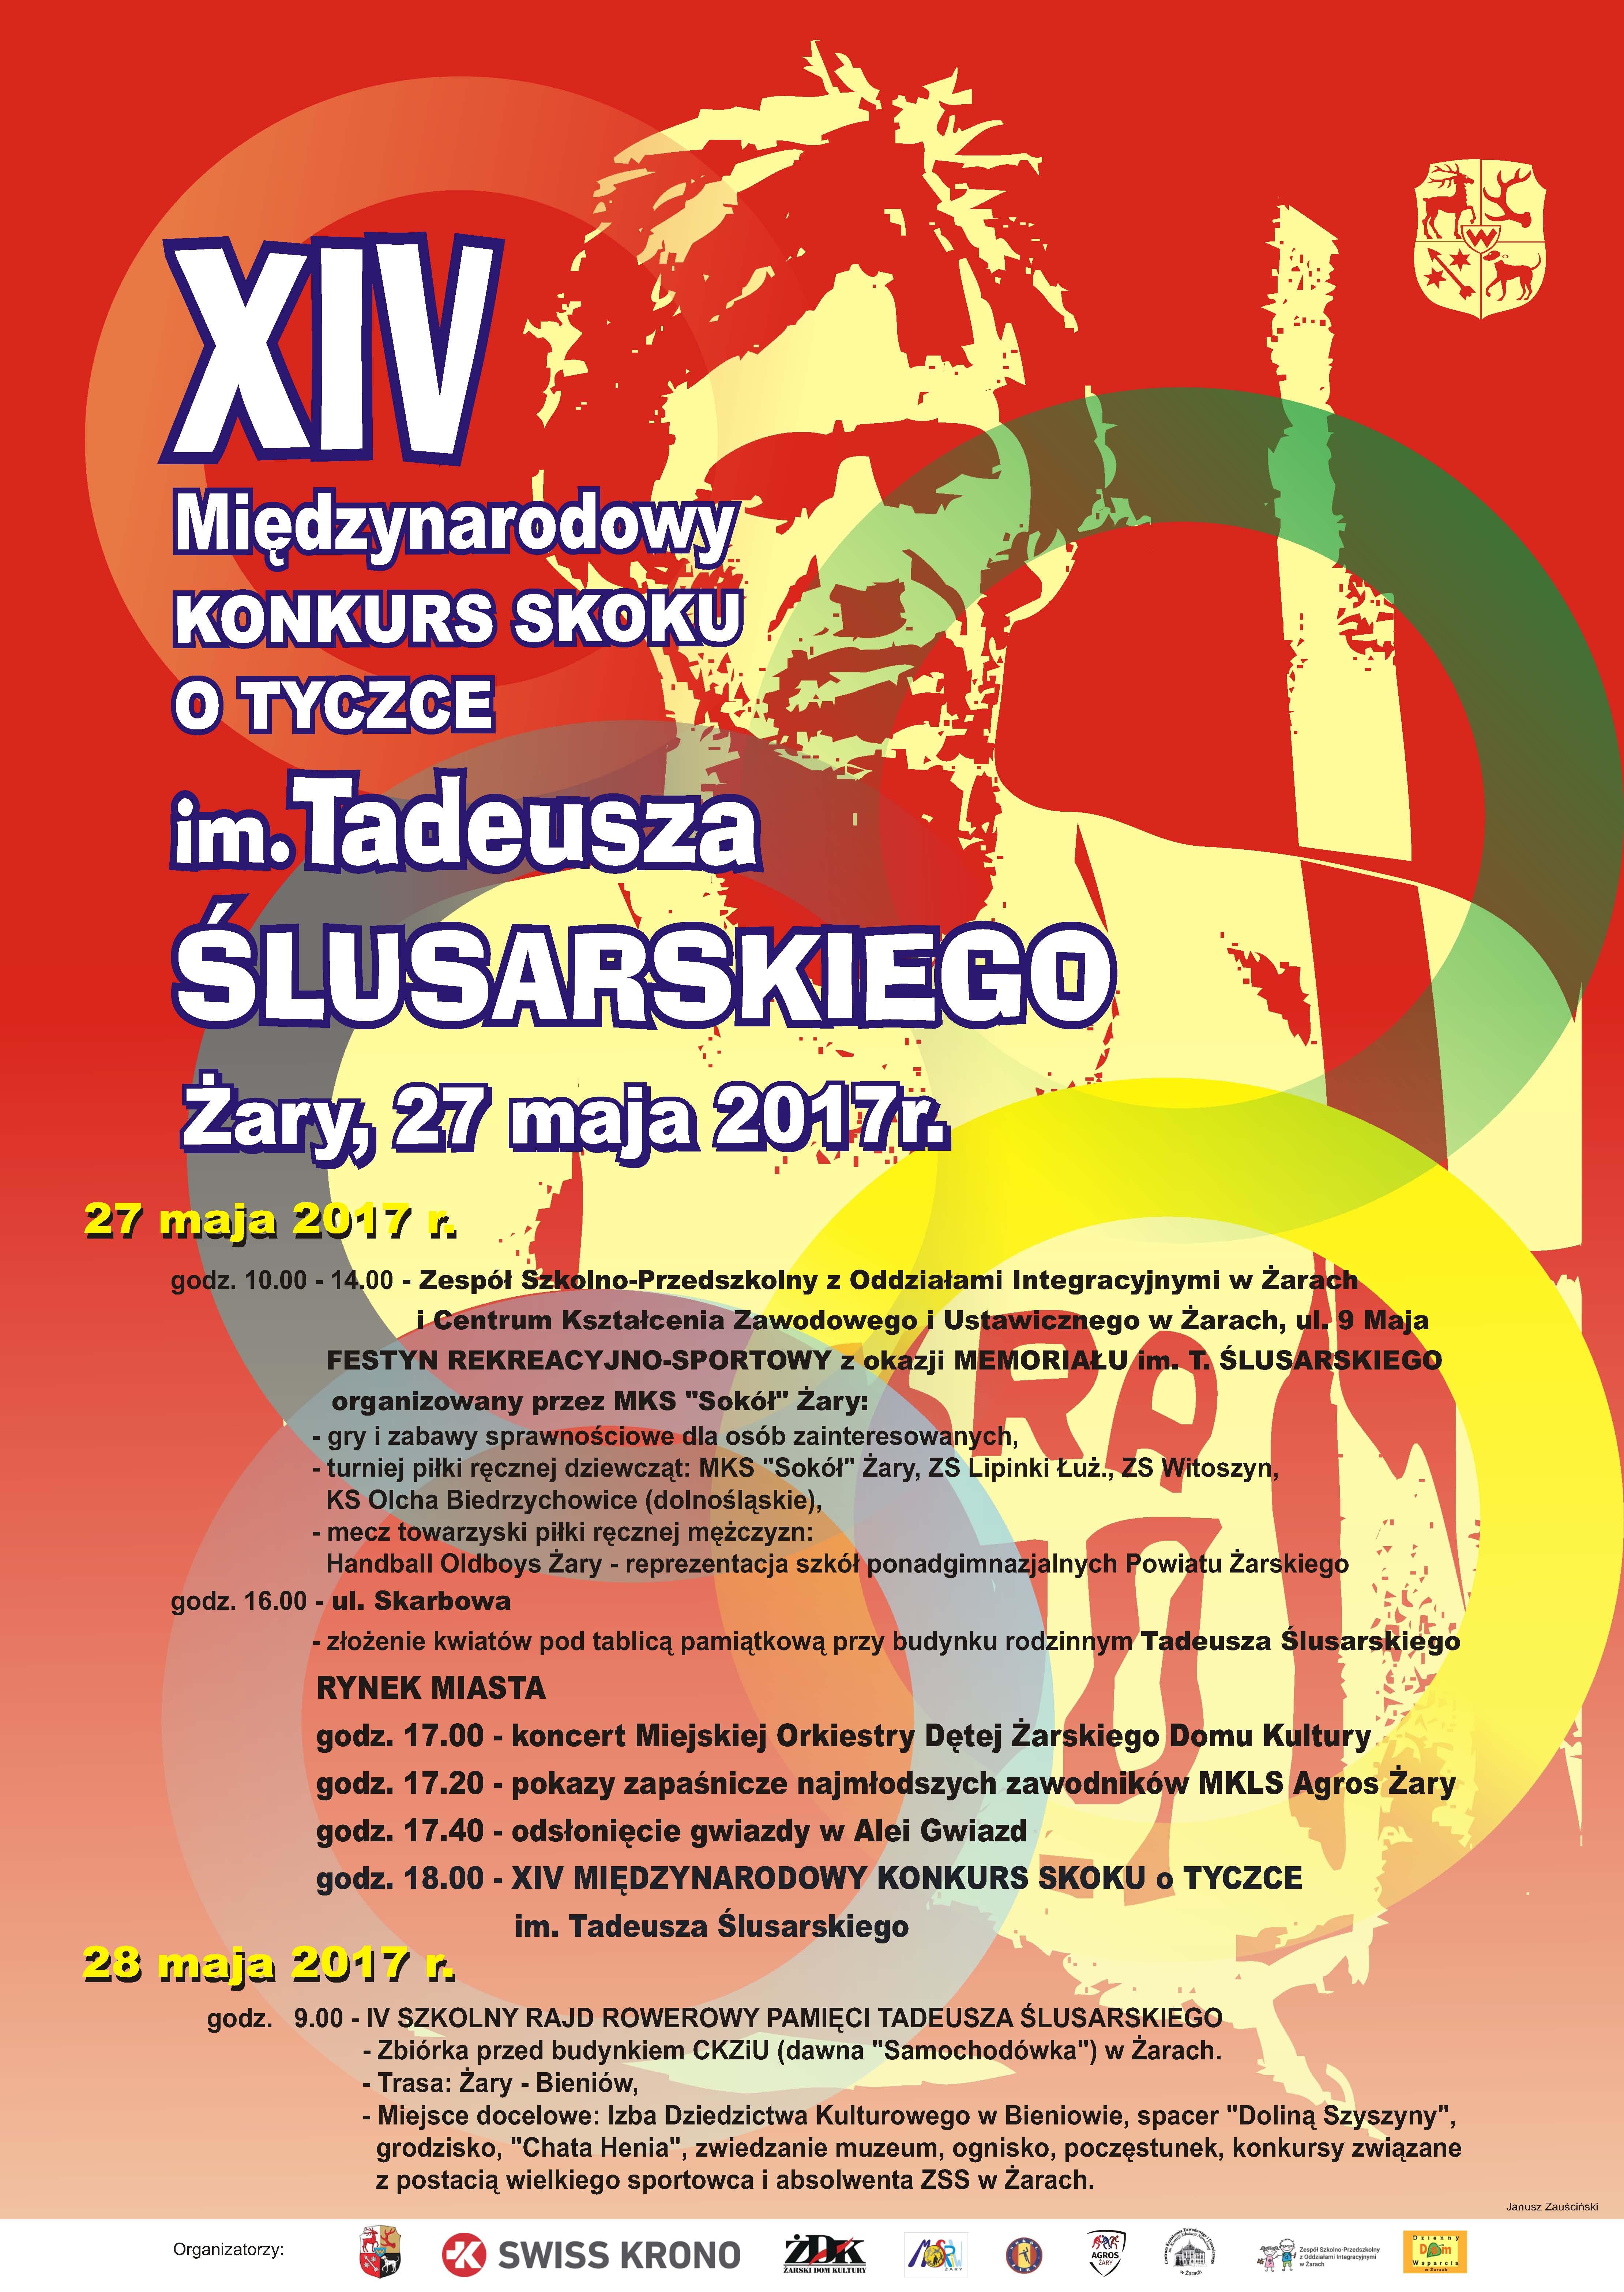 Ilustracja do informacji: XIV Międzynarodowy Konkurs Skoku o Tyczce